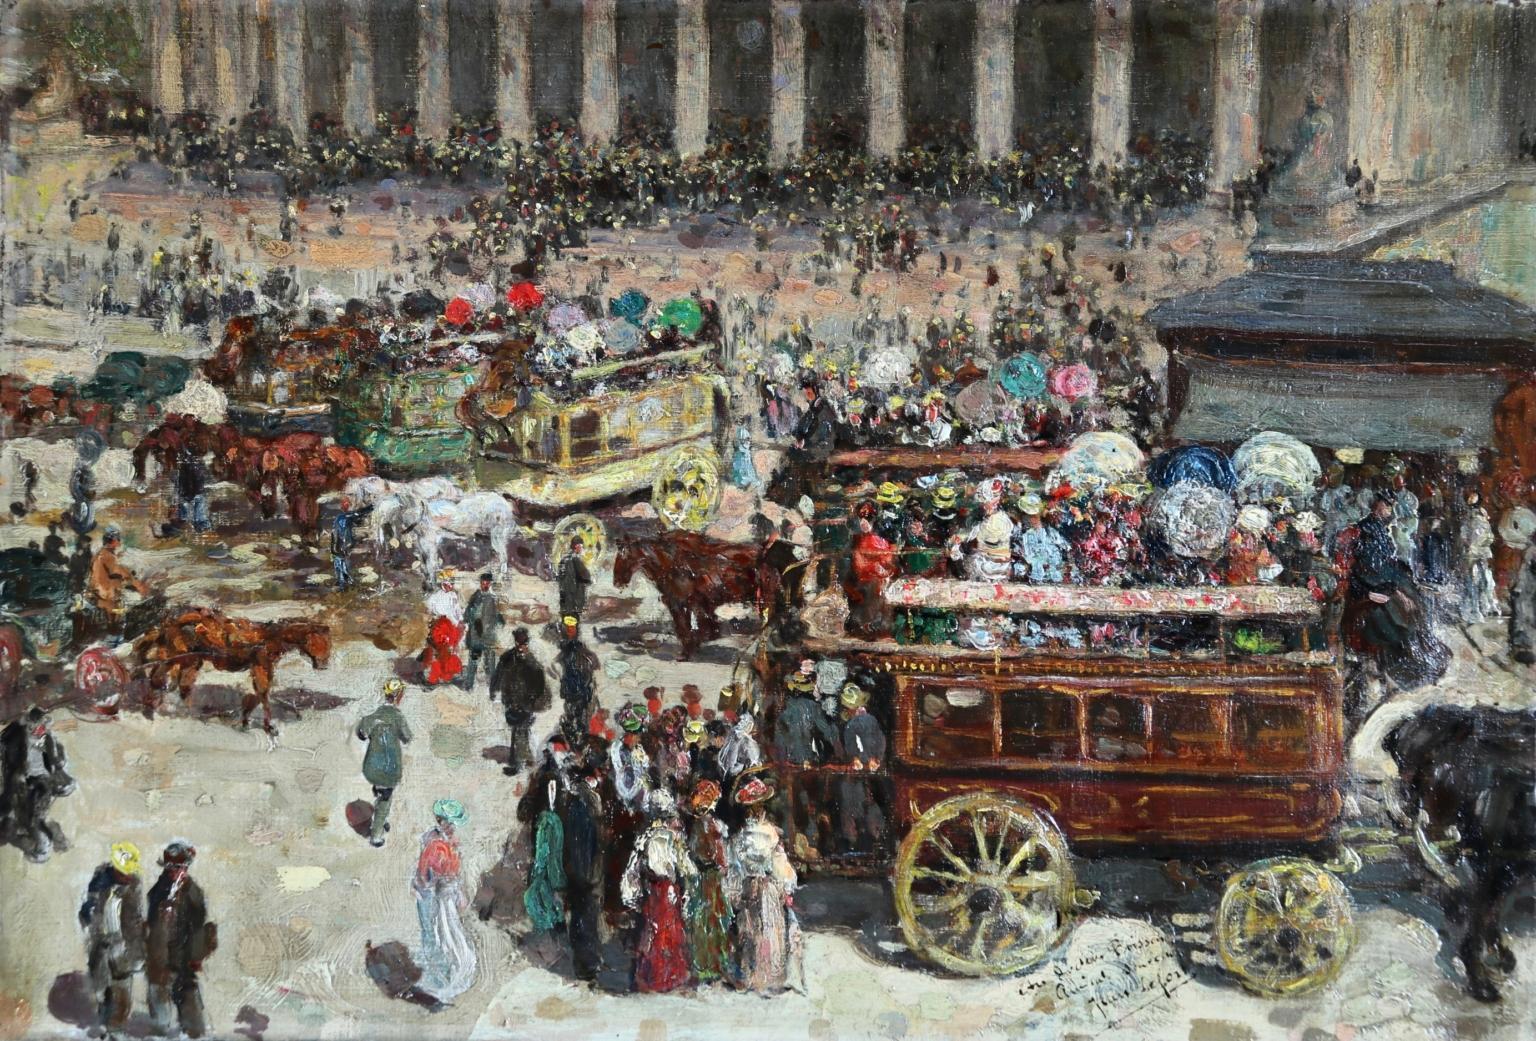 Bourse de Paris - 20th Century, Horse & Carts & Figures in Cityscape by J Lefort